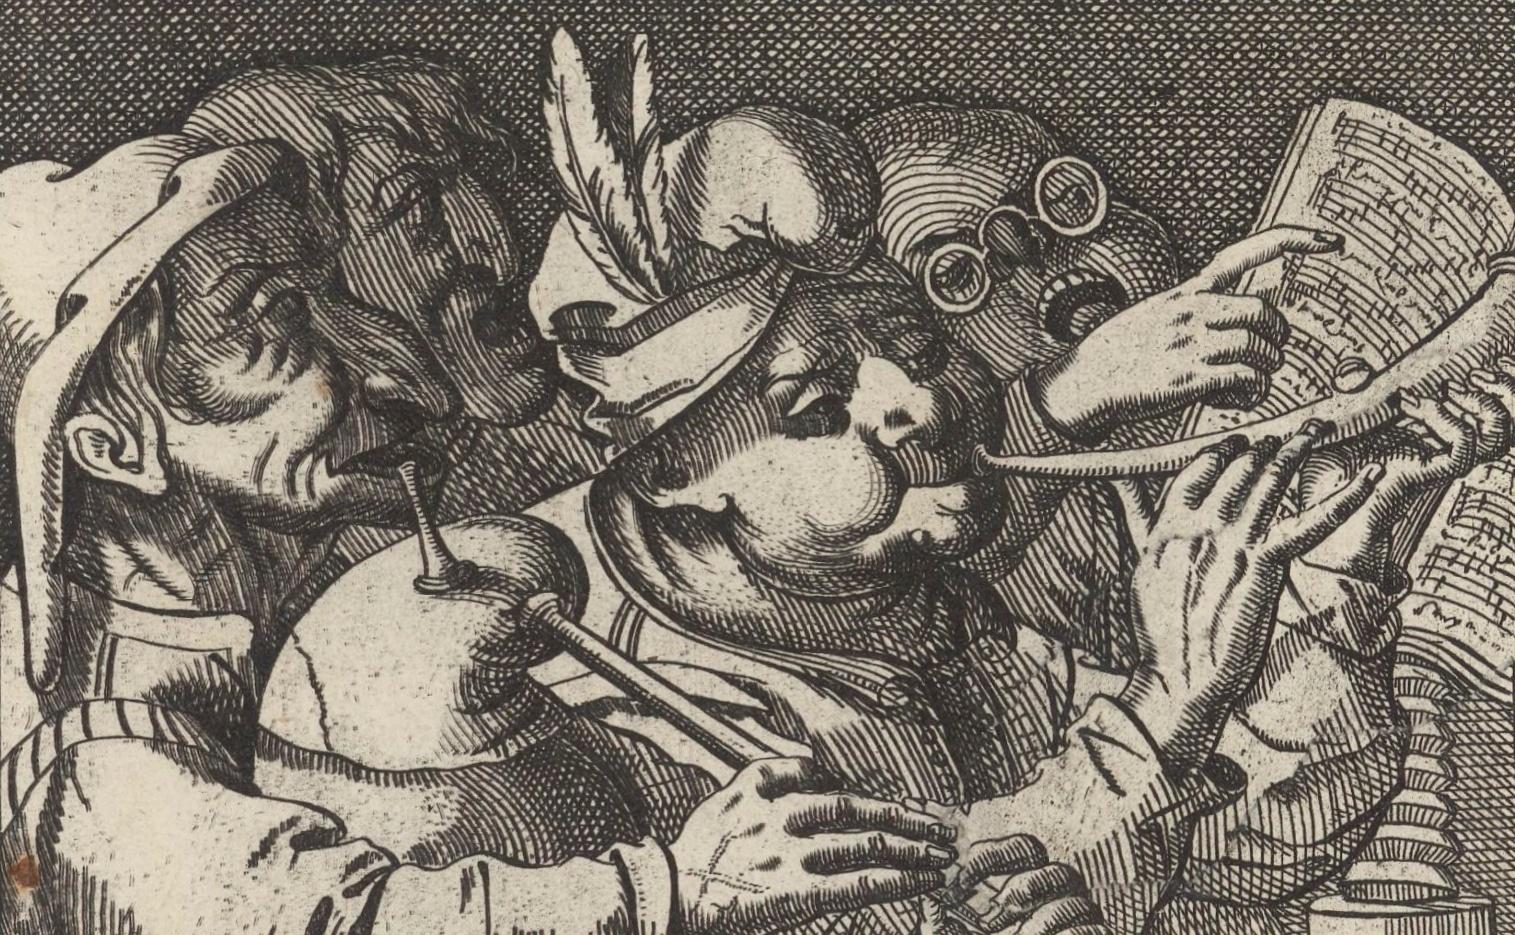 Concerts burlesques, extrait d'une estampe de Jean de Saint-Igny, env. 1600